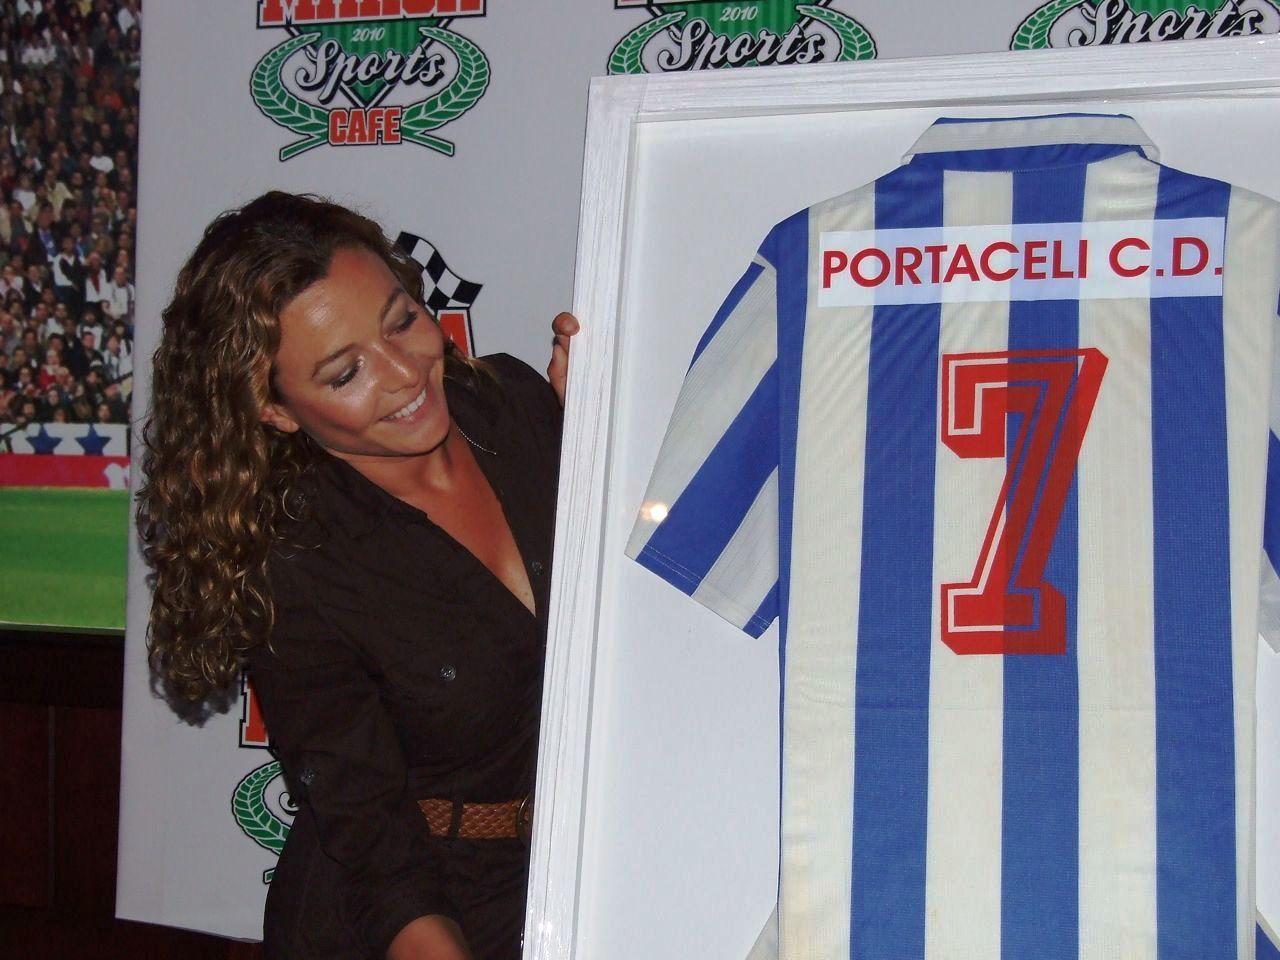 Homenaje de la Asociación Amigos del Fútbol Portaceli a Jesús Sevilla